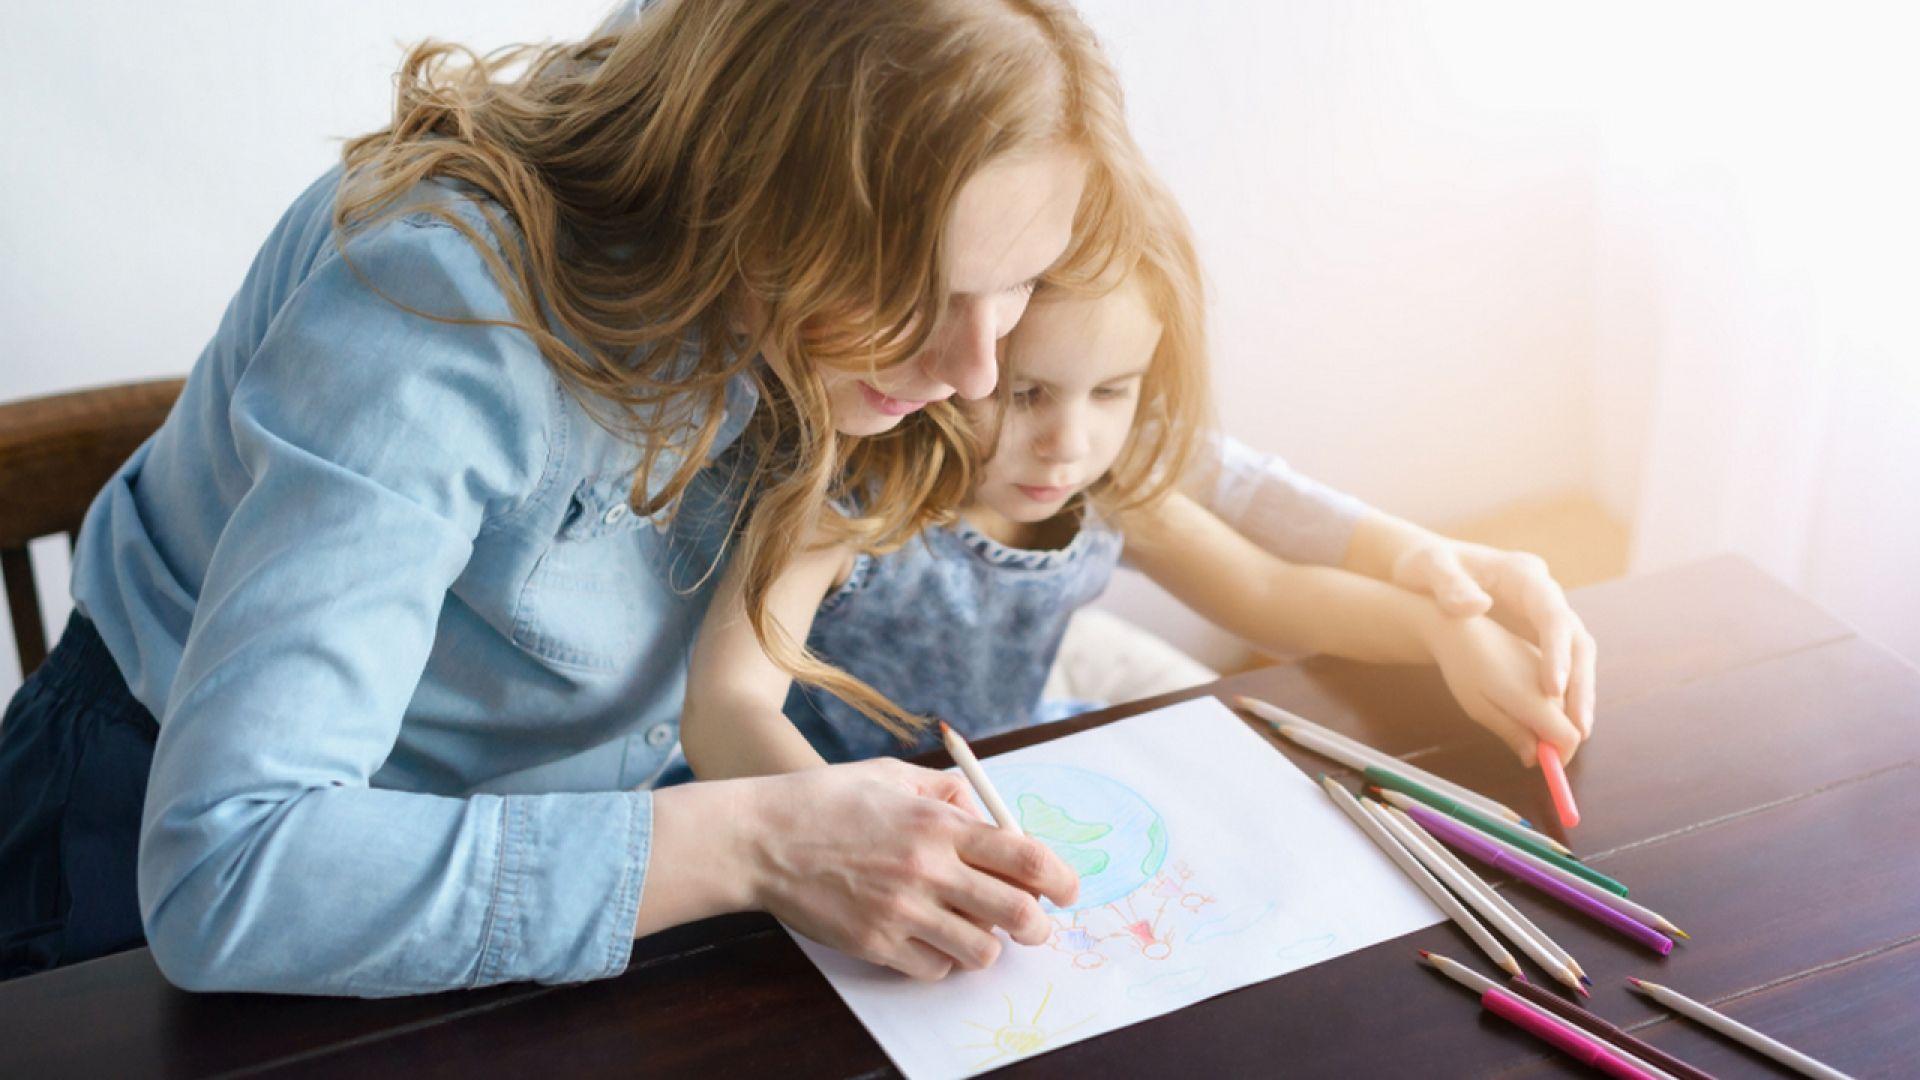 Днем рождения, картинка с уроками без детей